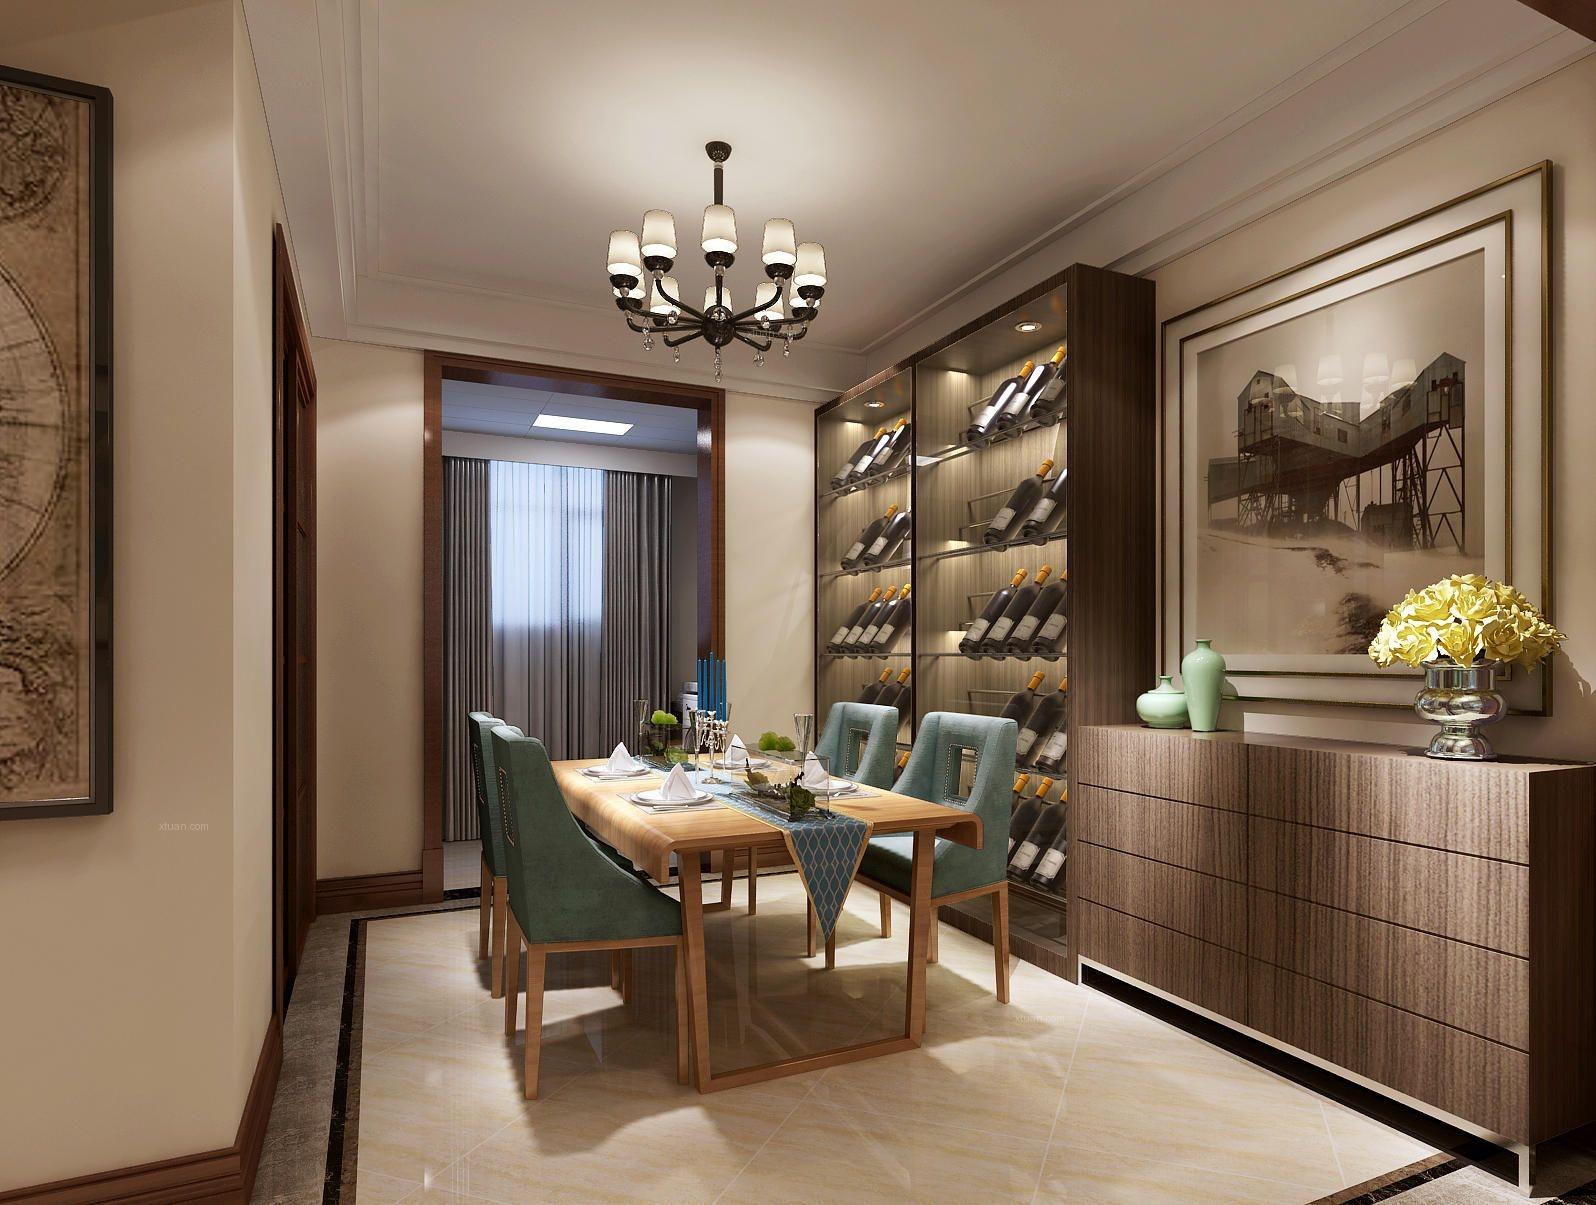 地面使用三层拨打线,深胡桃木色的酒柜和门厅柜搭配实木垭口套线,用